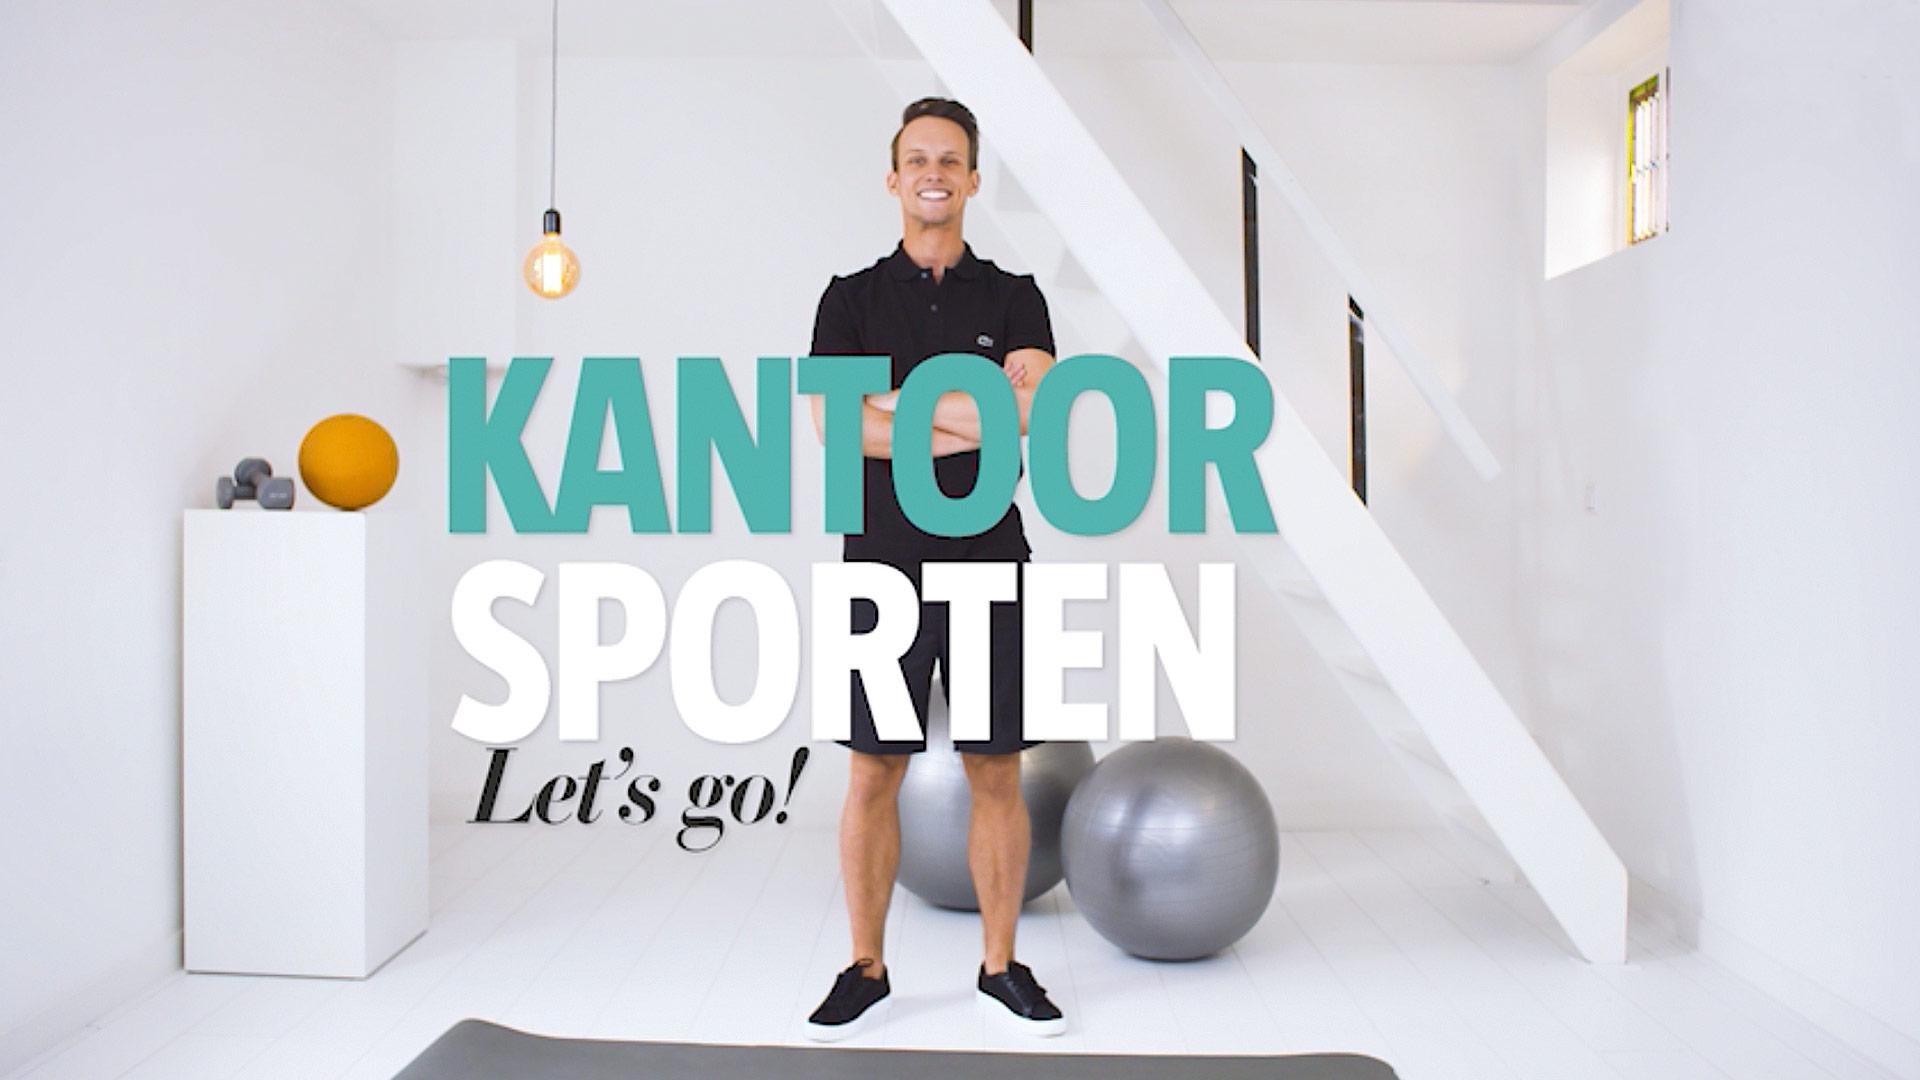 kantoor sporten